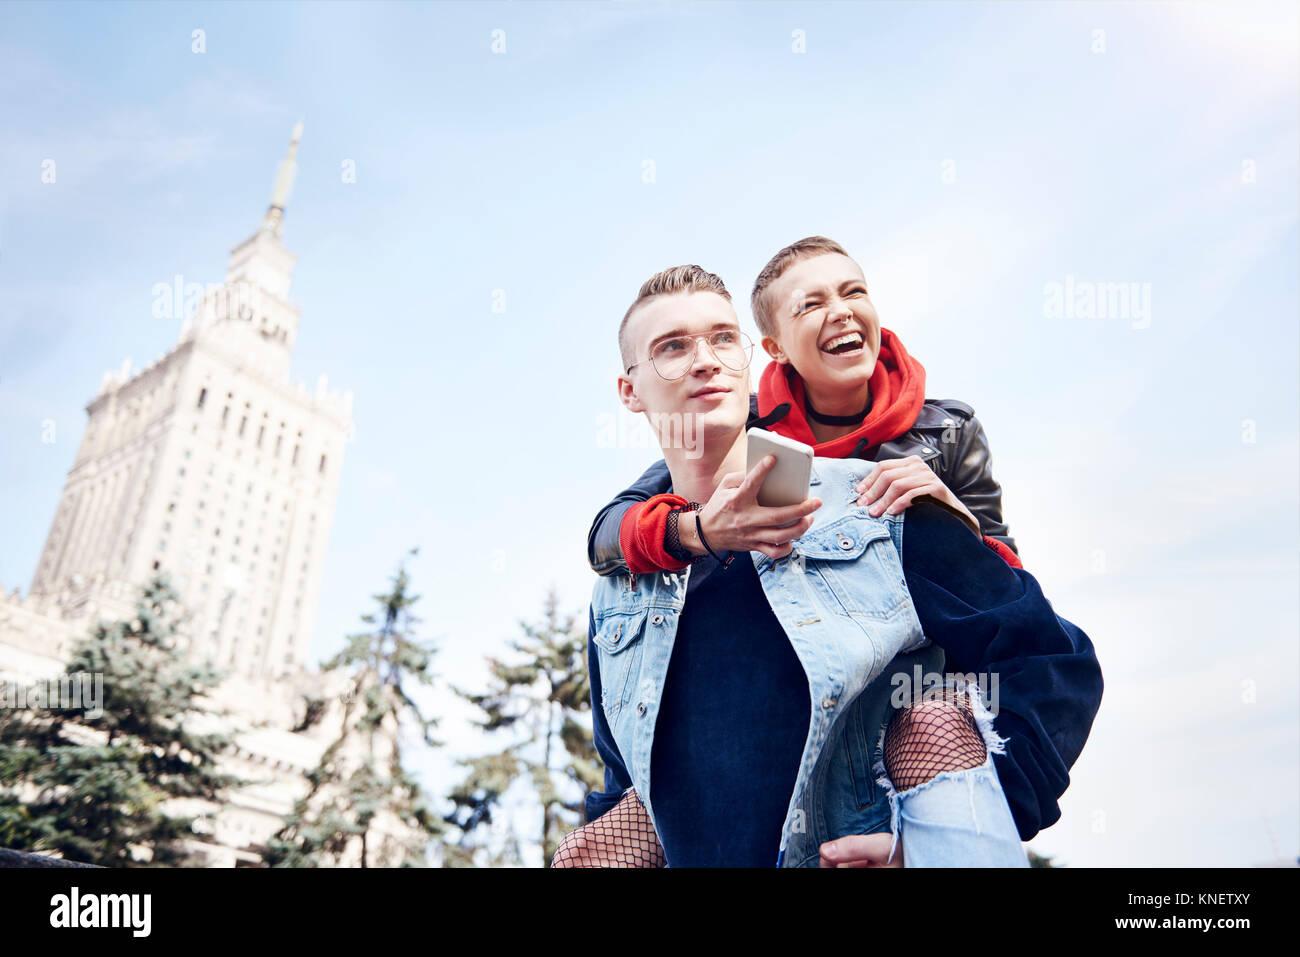 Joven dando risa novia un piggy back en la ciudad Imagen De Stock